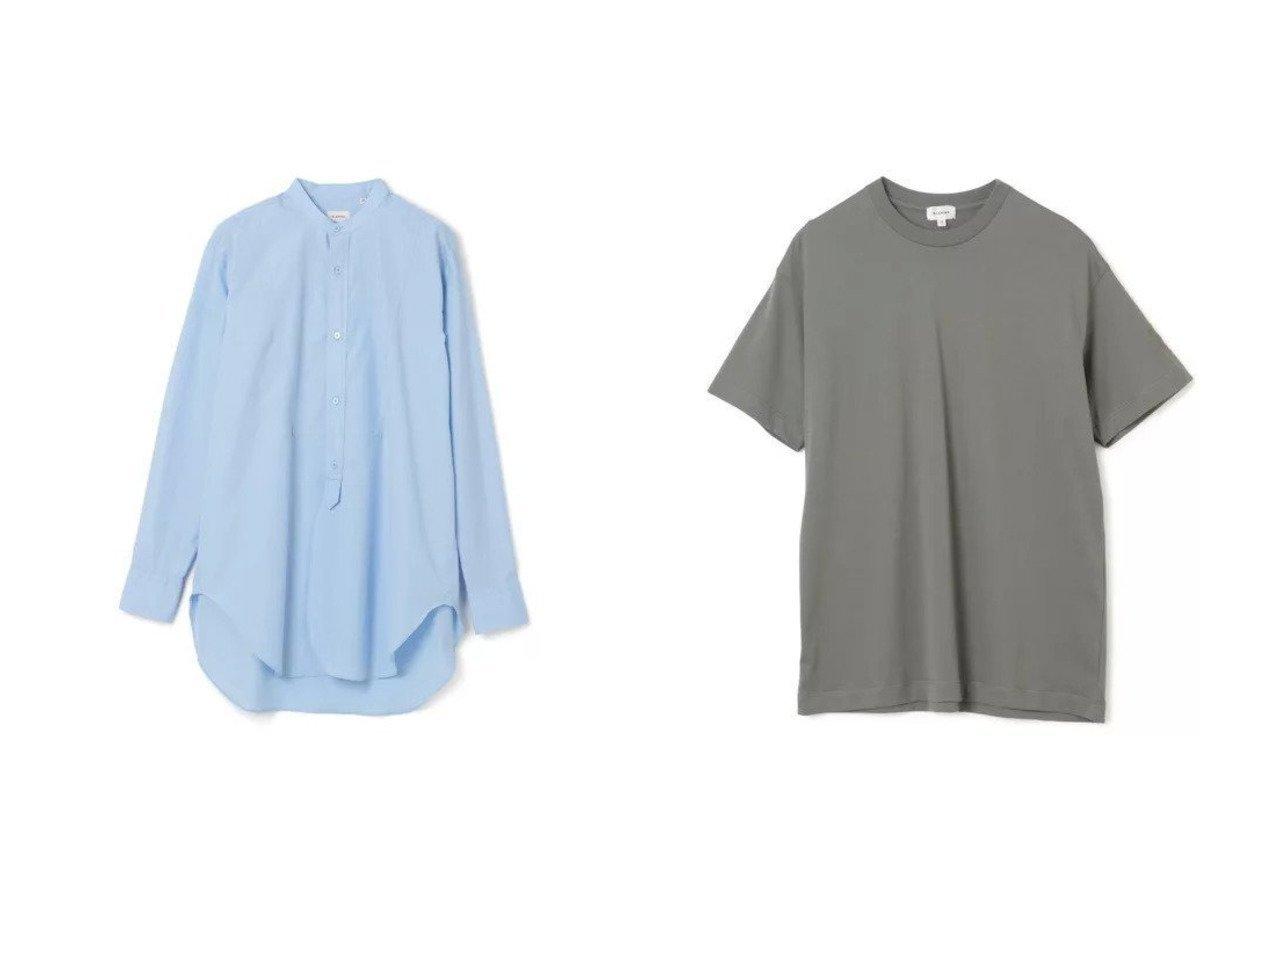 【BLAMINK/ブラミンク】のコットン バンドカラーシャツ&コットンクルーネック 刺繍 ショートリーブTシャツ トップス・カットソーのおすすめ!人気、トレンド・レディースファッションの通販  おすすめで人気の流行・トレンド、ファッションの通販商品 メンズファッション・キッズファッション・インテリア・家具・レディースファッション・服の通販 founy(ファニー) https://founy.com/ ファッション Fashion レディースファッション WOMEN トップス カットソー Tops Tshirt シャツ/ブラウス Shirts Blouses ロング / Tシャツ T-Shirts カットソー Cut and Sewn シンプル フロント 長袖 カットソー スタイリッシュ 半袖 洗える |ID:crp329100000022786